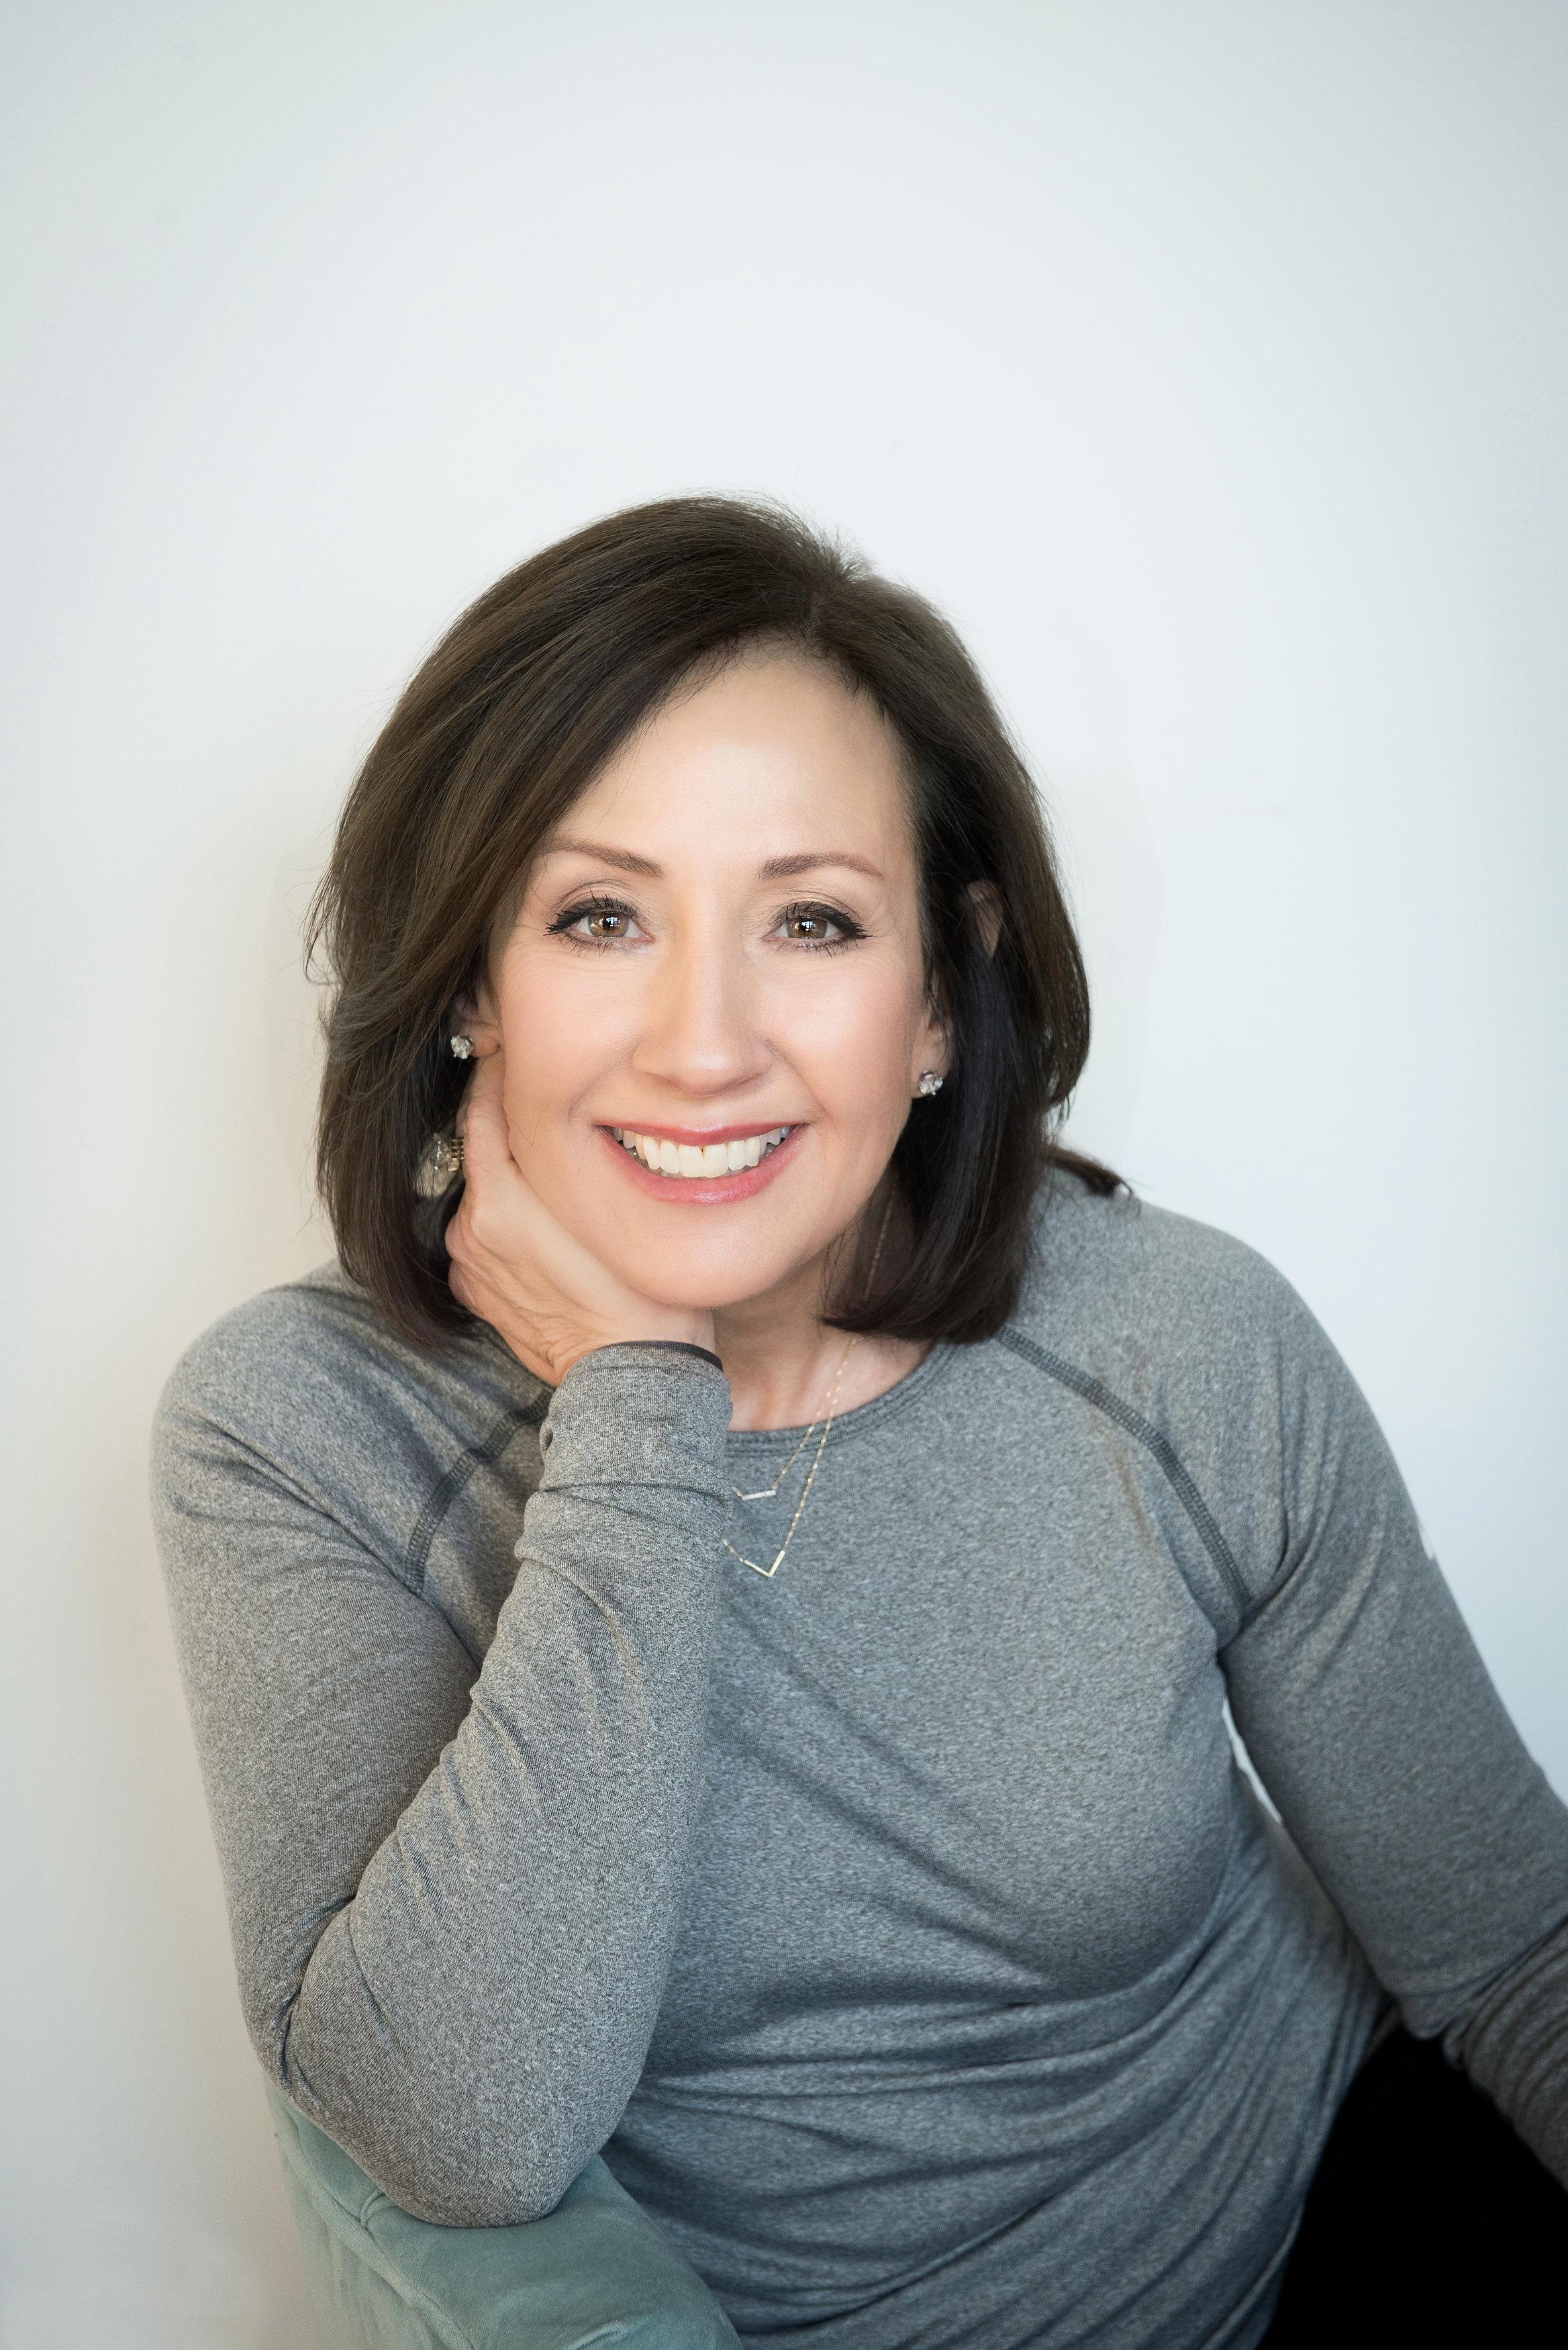 Michele L Dayoub